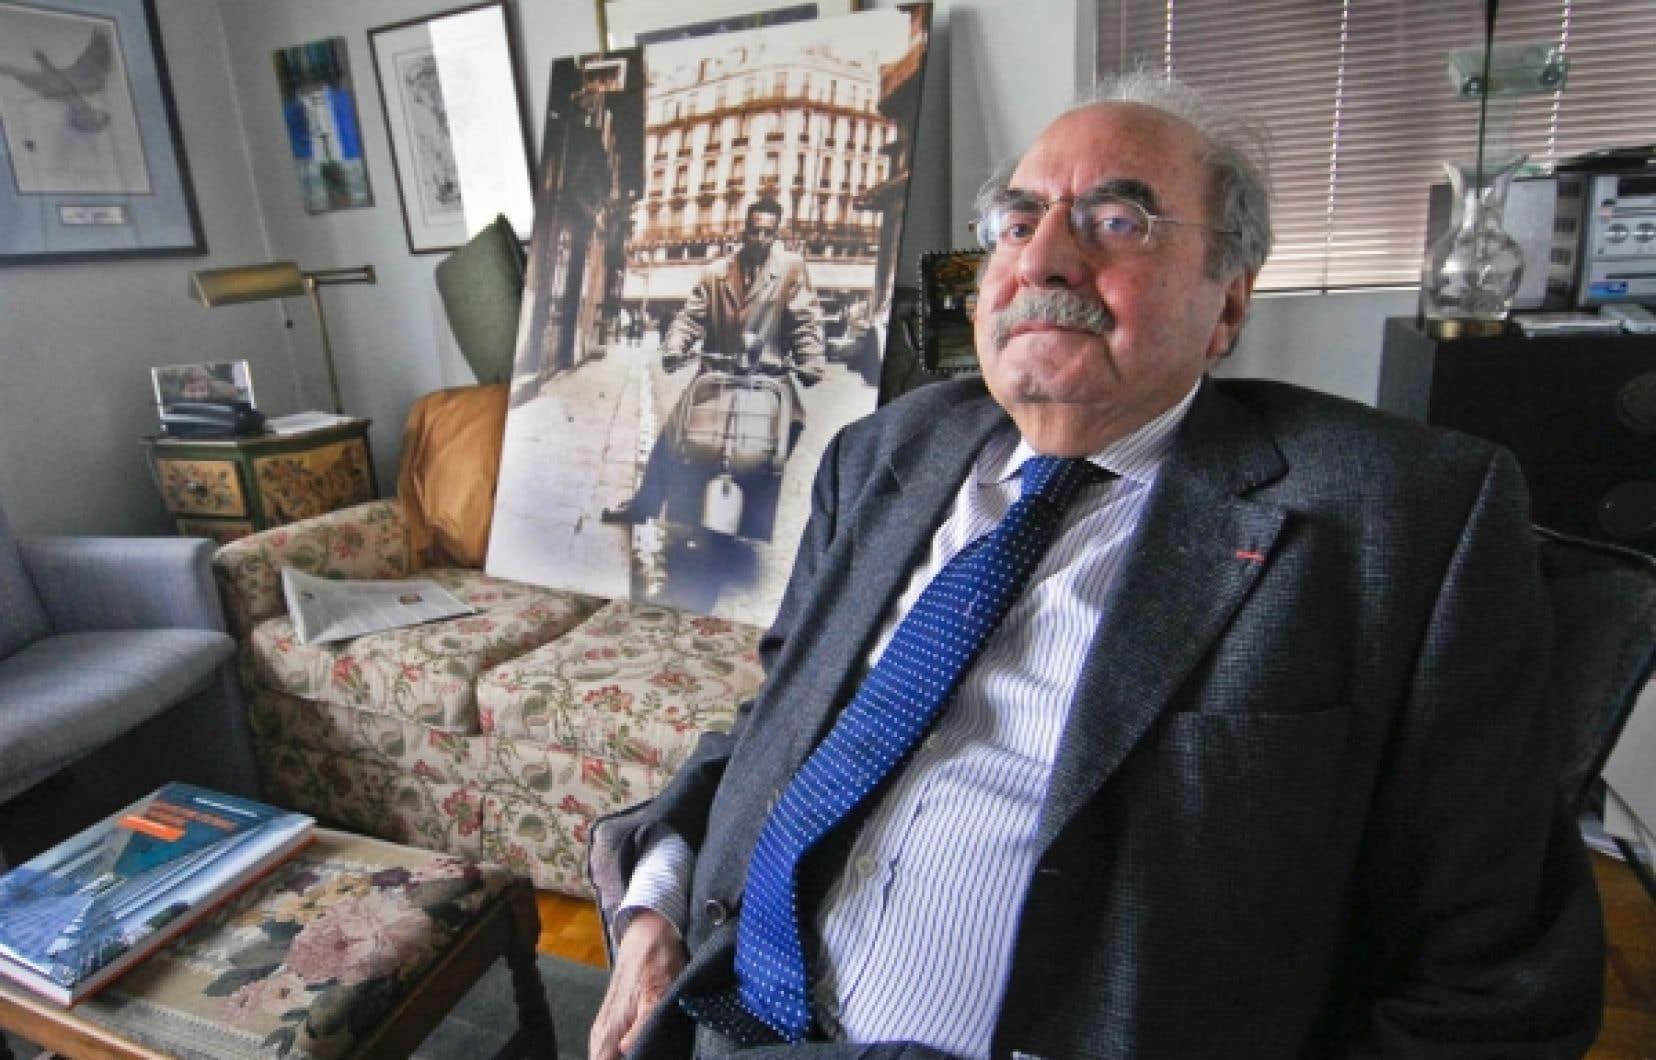 Naïm Kattan chez lui, devant une photo du temps où il se promenait en vespa à Paris.